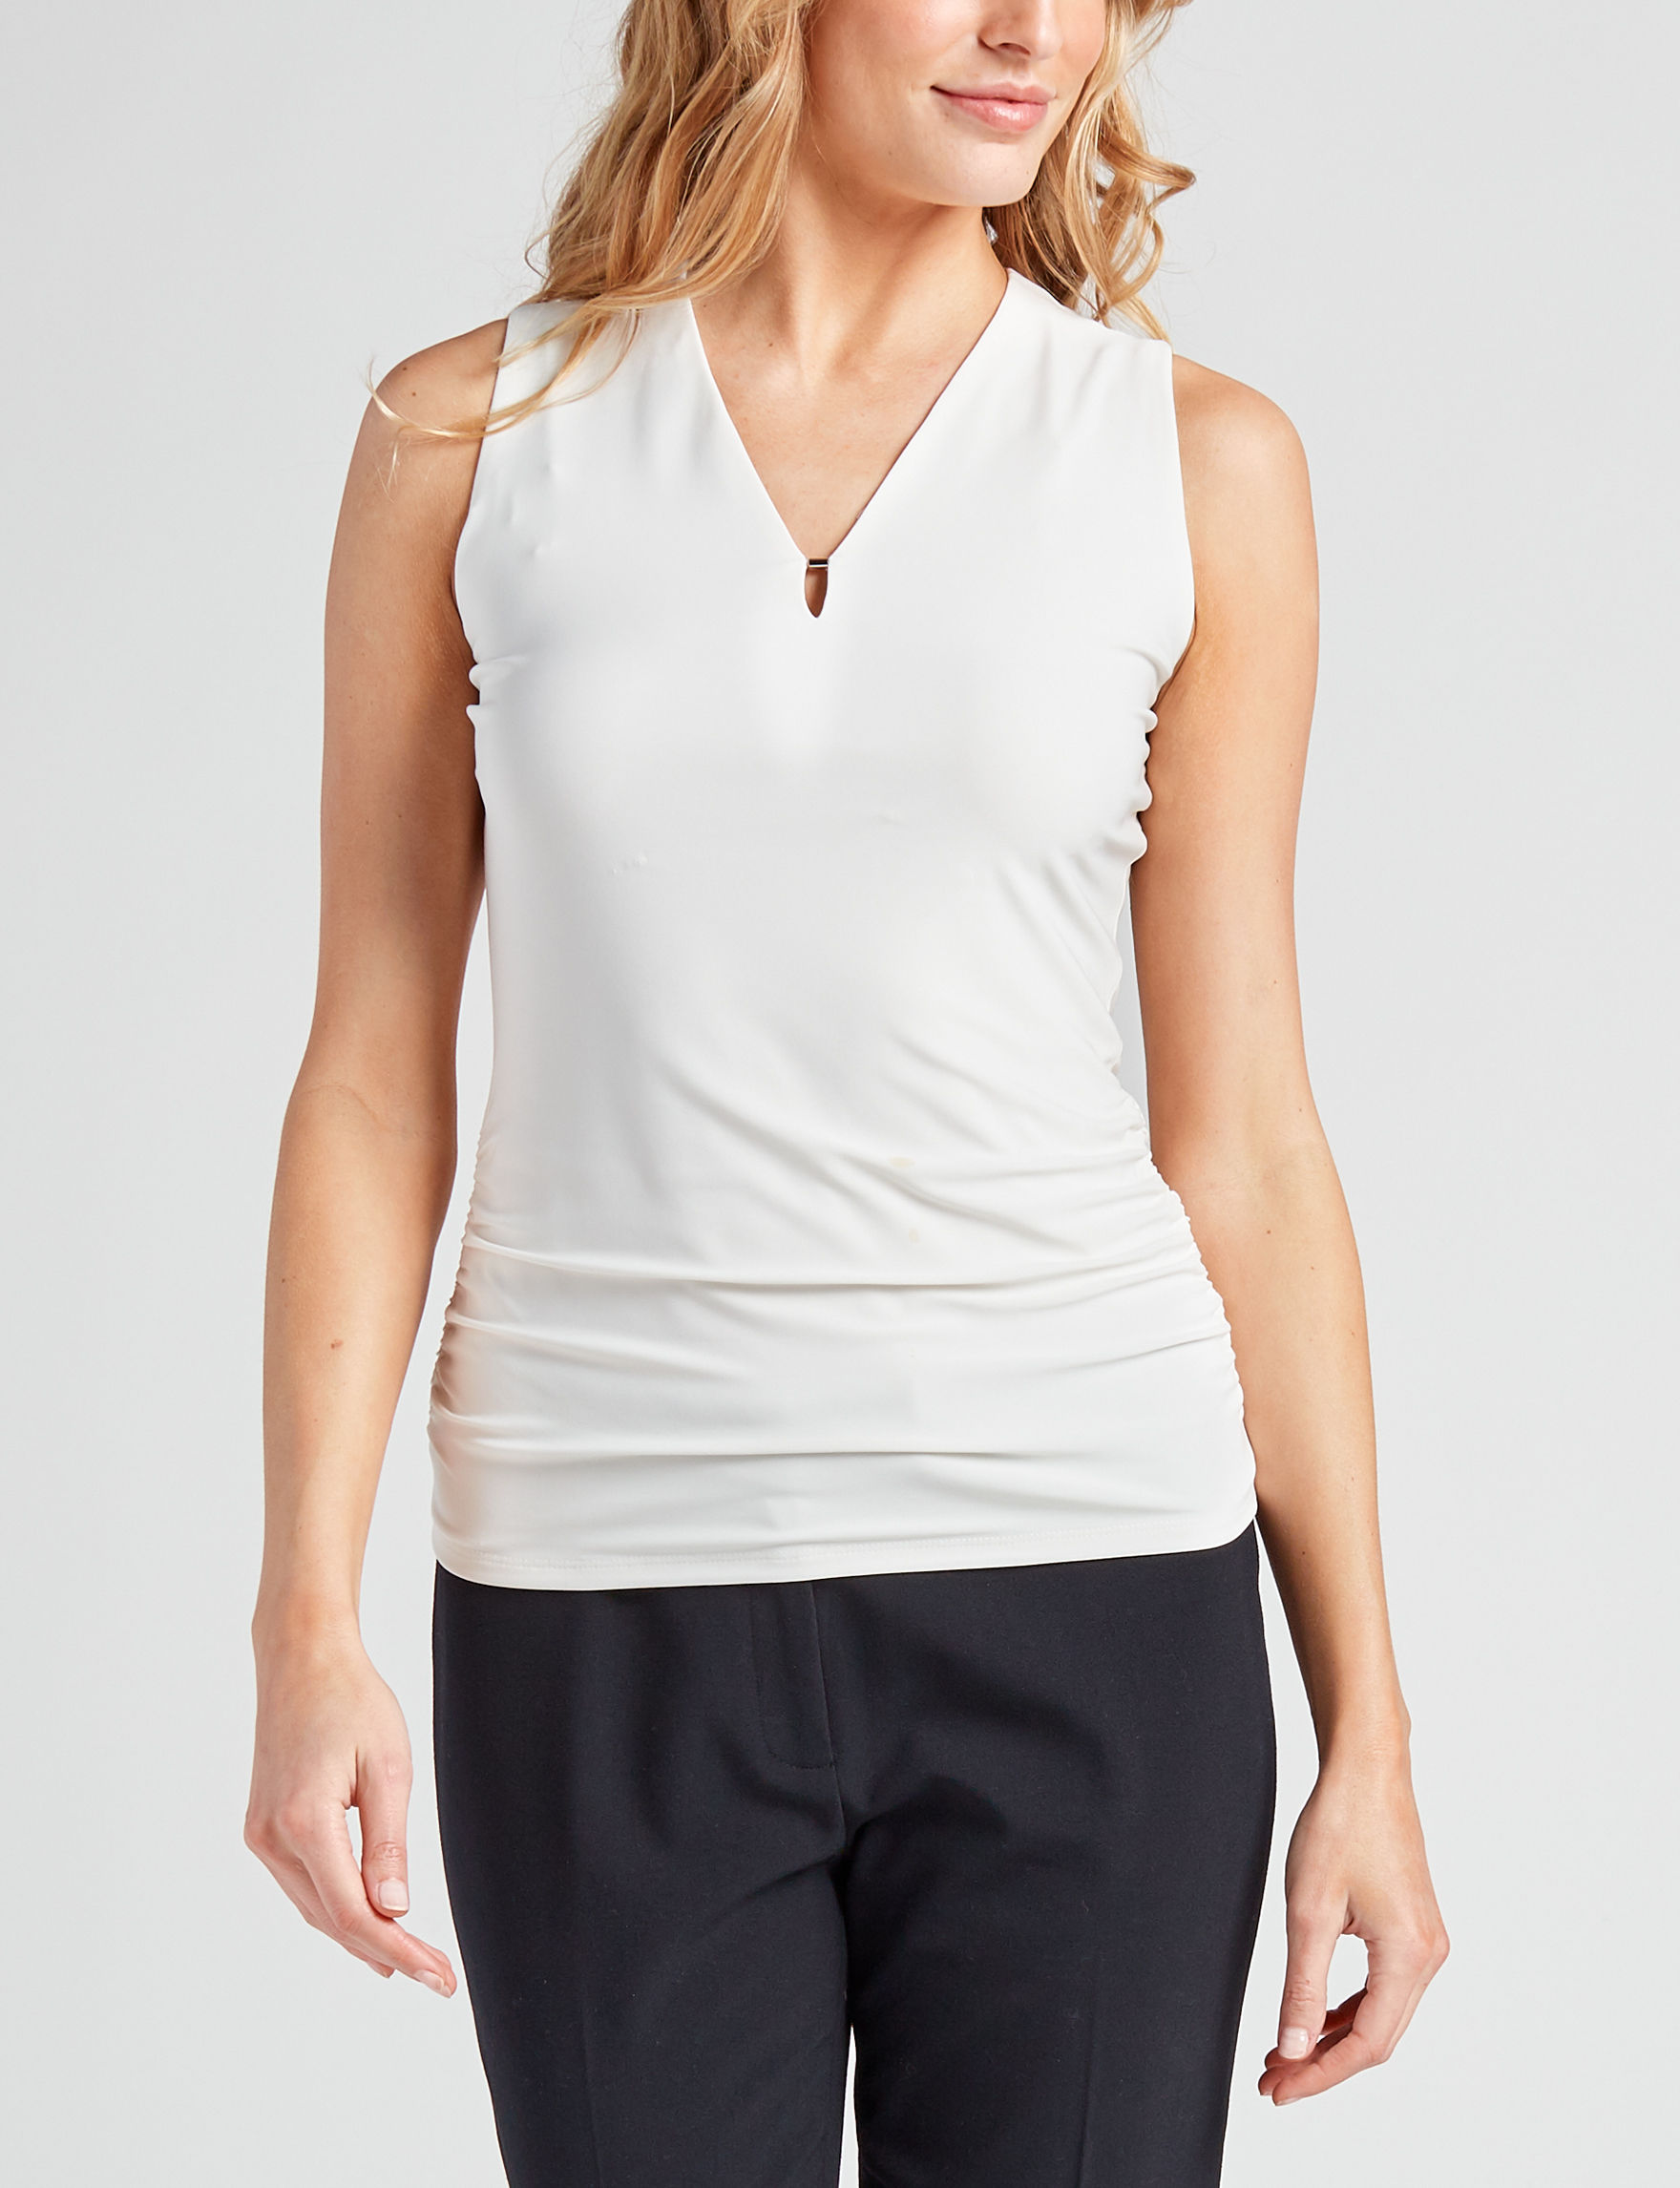 Anne Klein White Shirts & Blouses Tees & Tanks